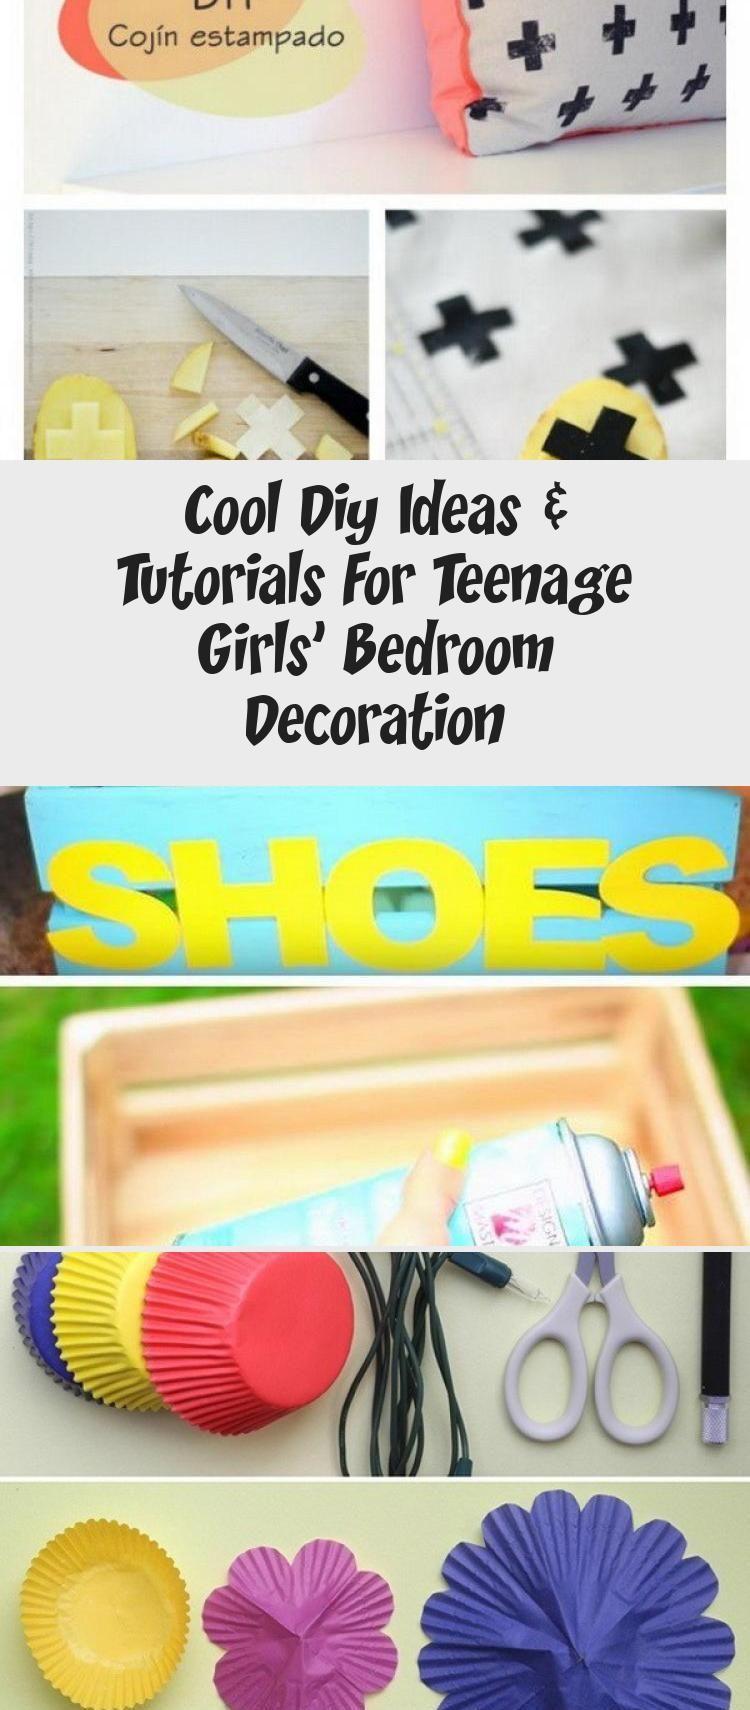 Cool Diy Ideas & Tutorials For Teenage Girls' Bedroom Decoration #teenagegirlbedrooms